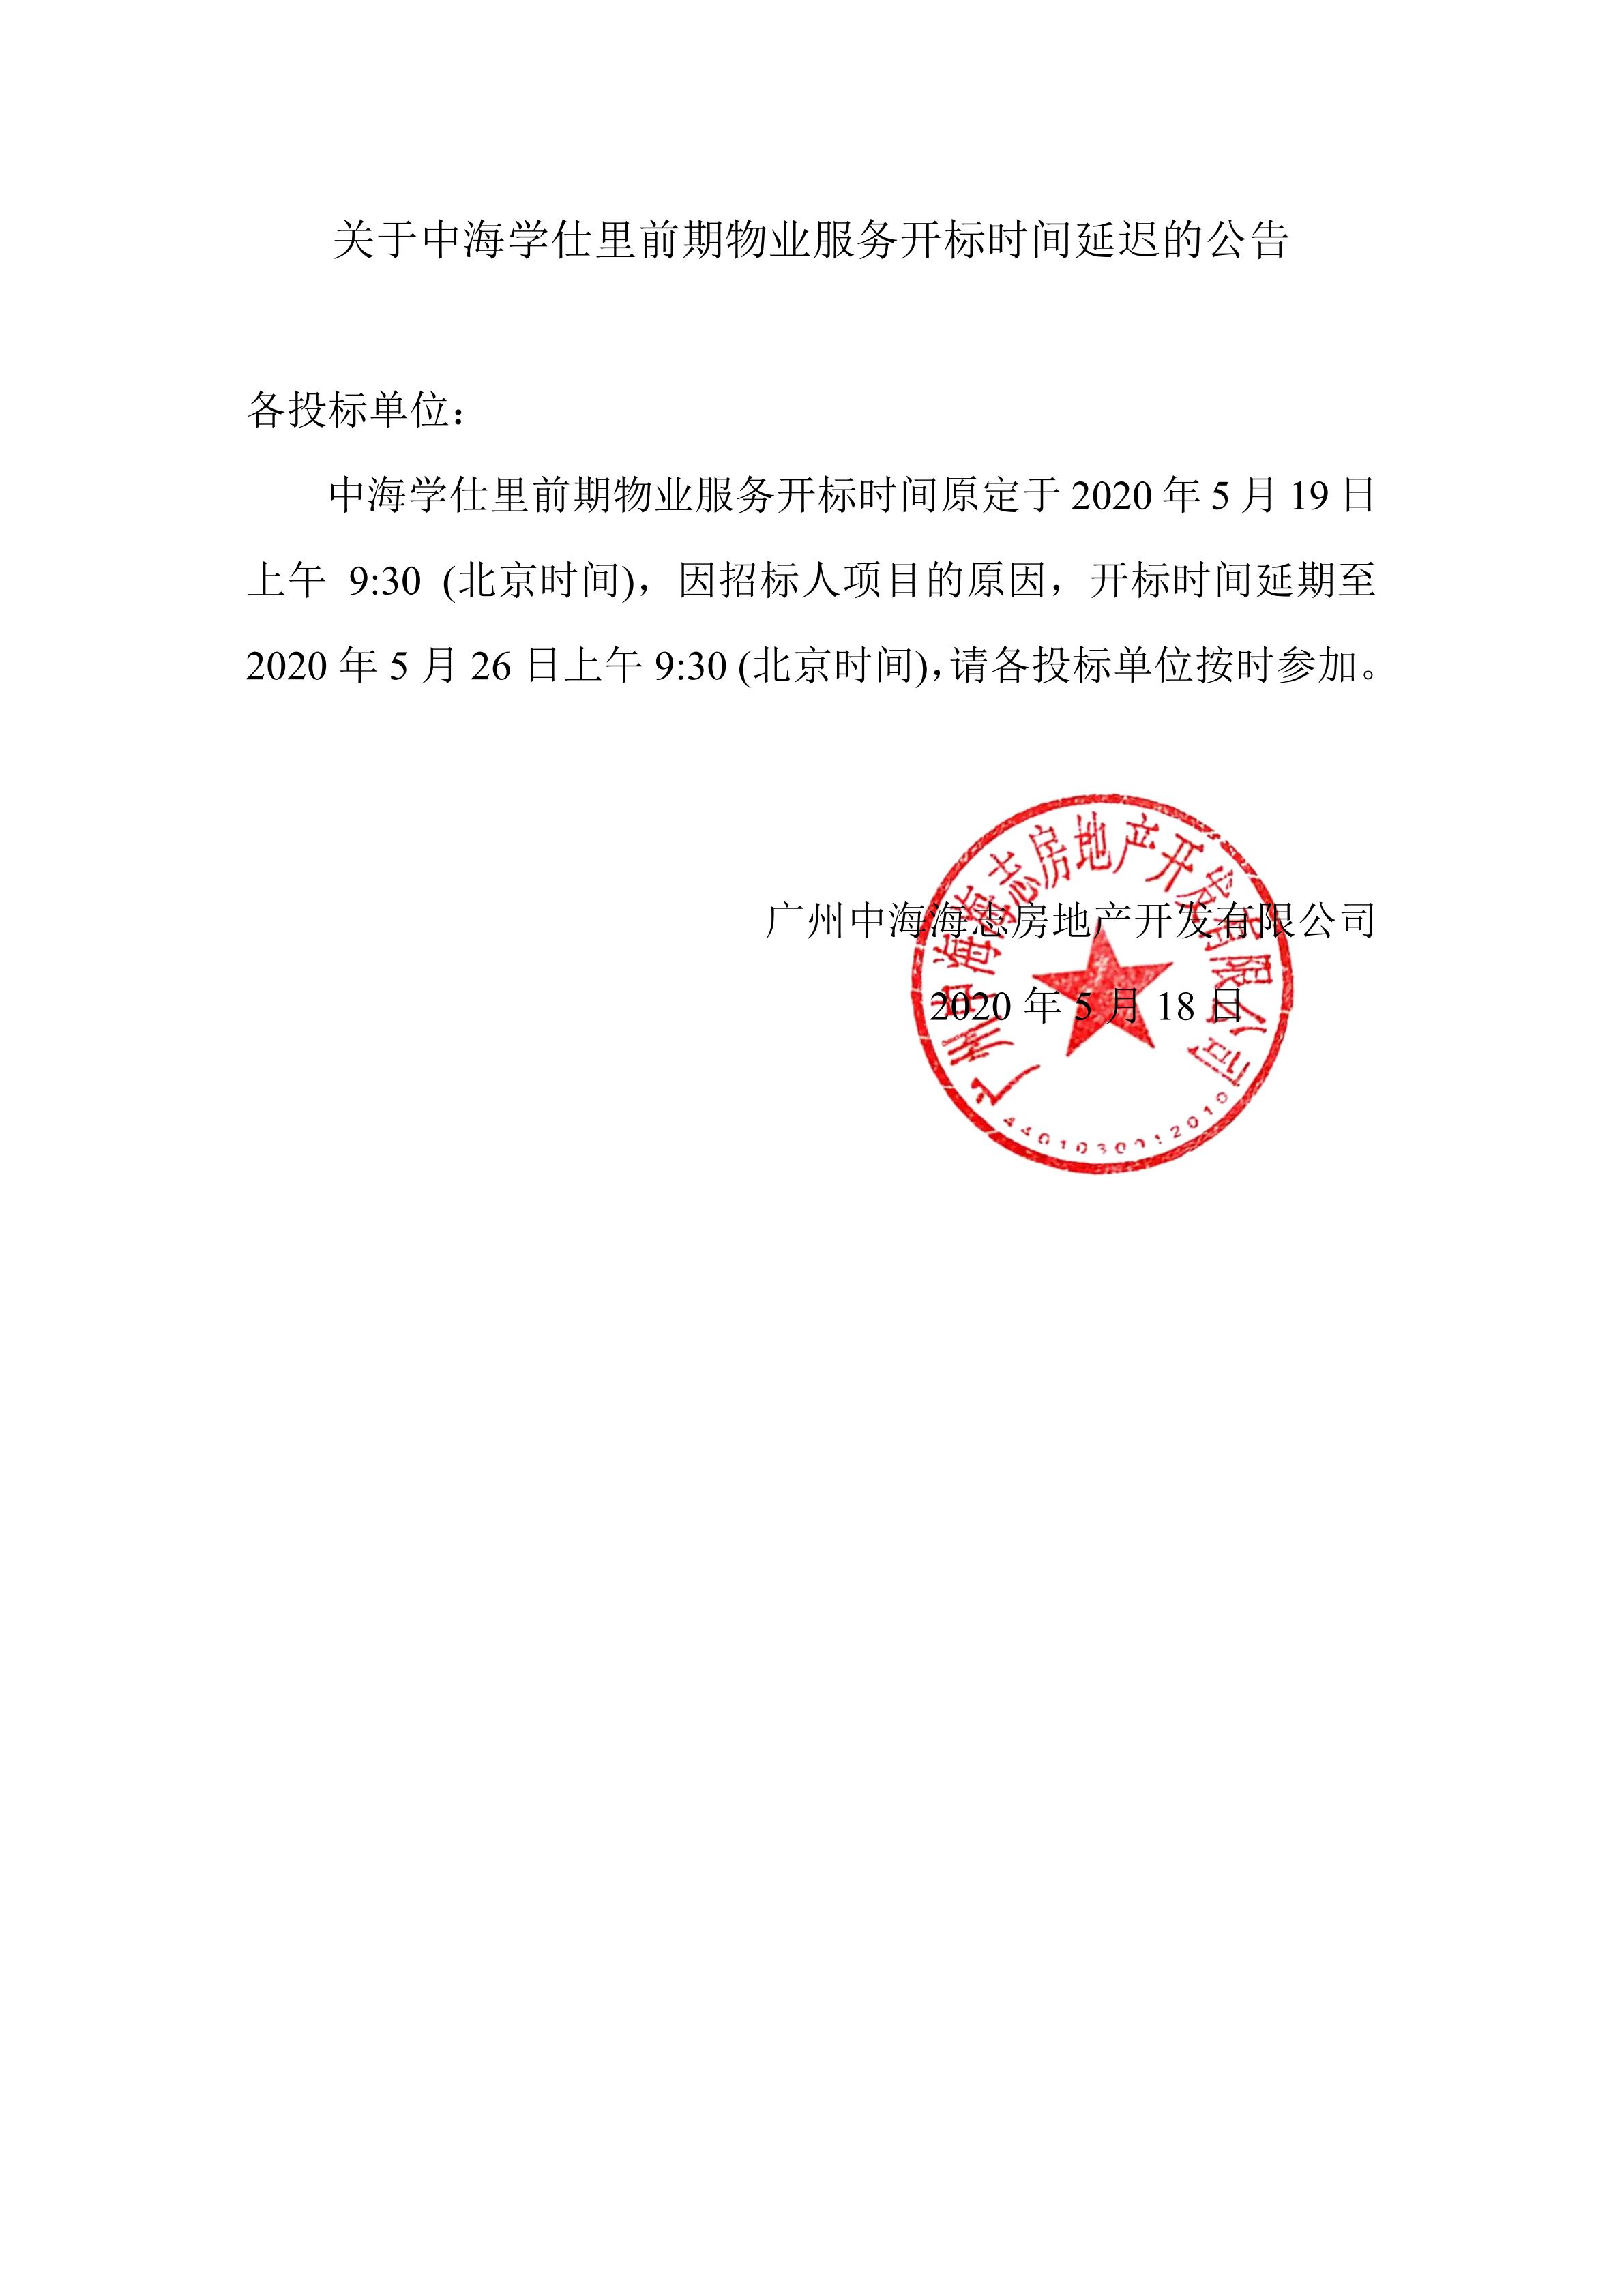 关于中海学仕里前期物业服务开标时间延迟的公告-0526_00